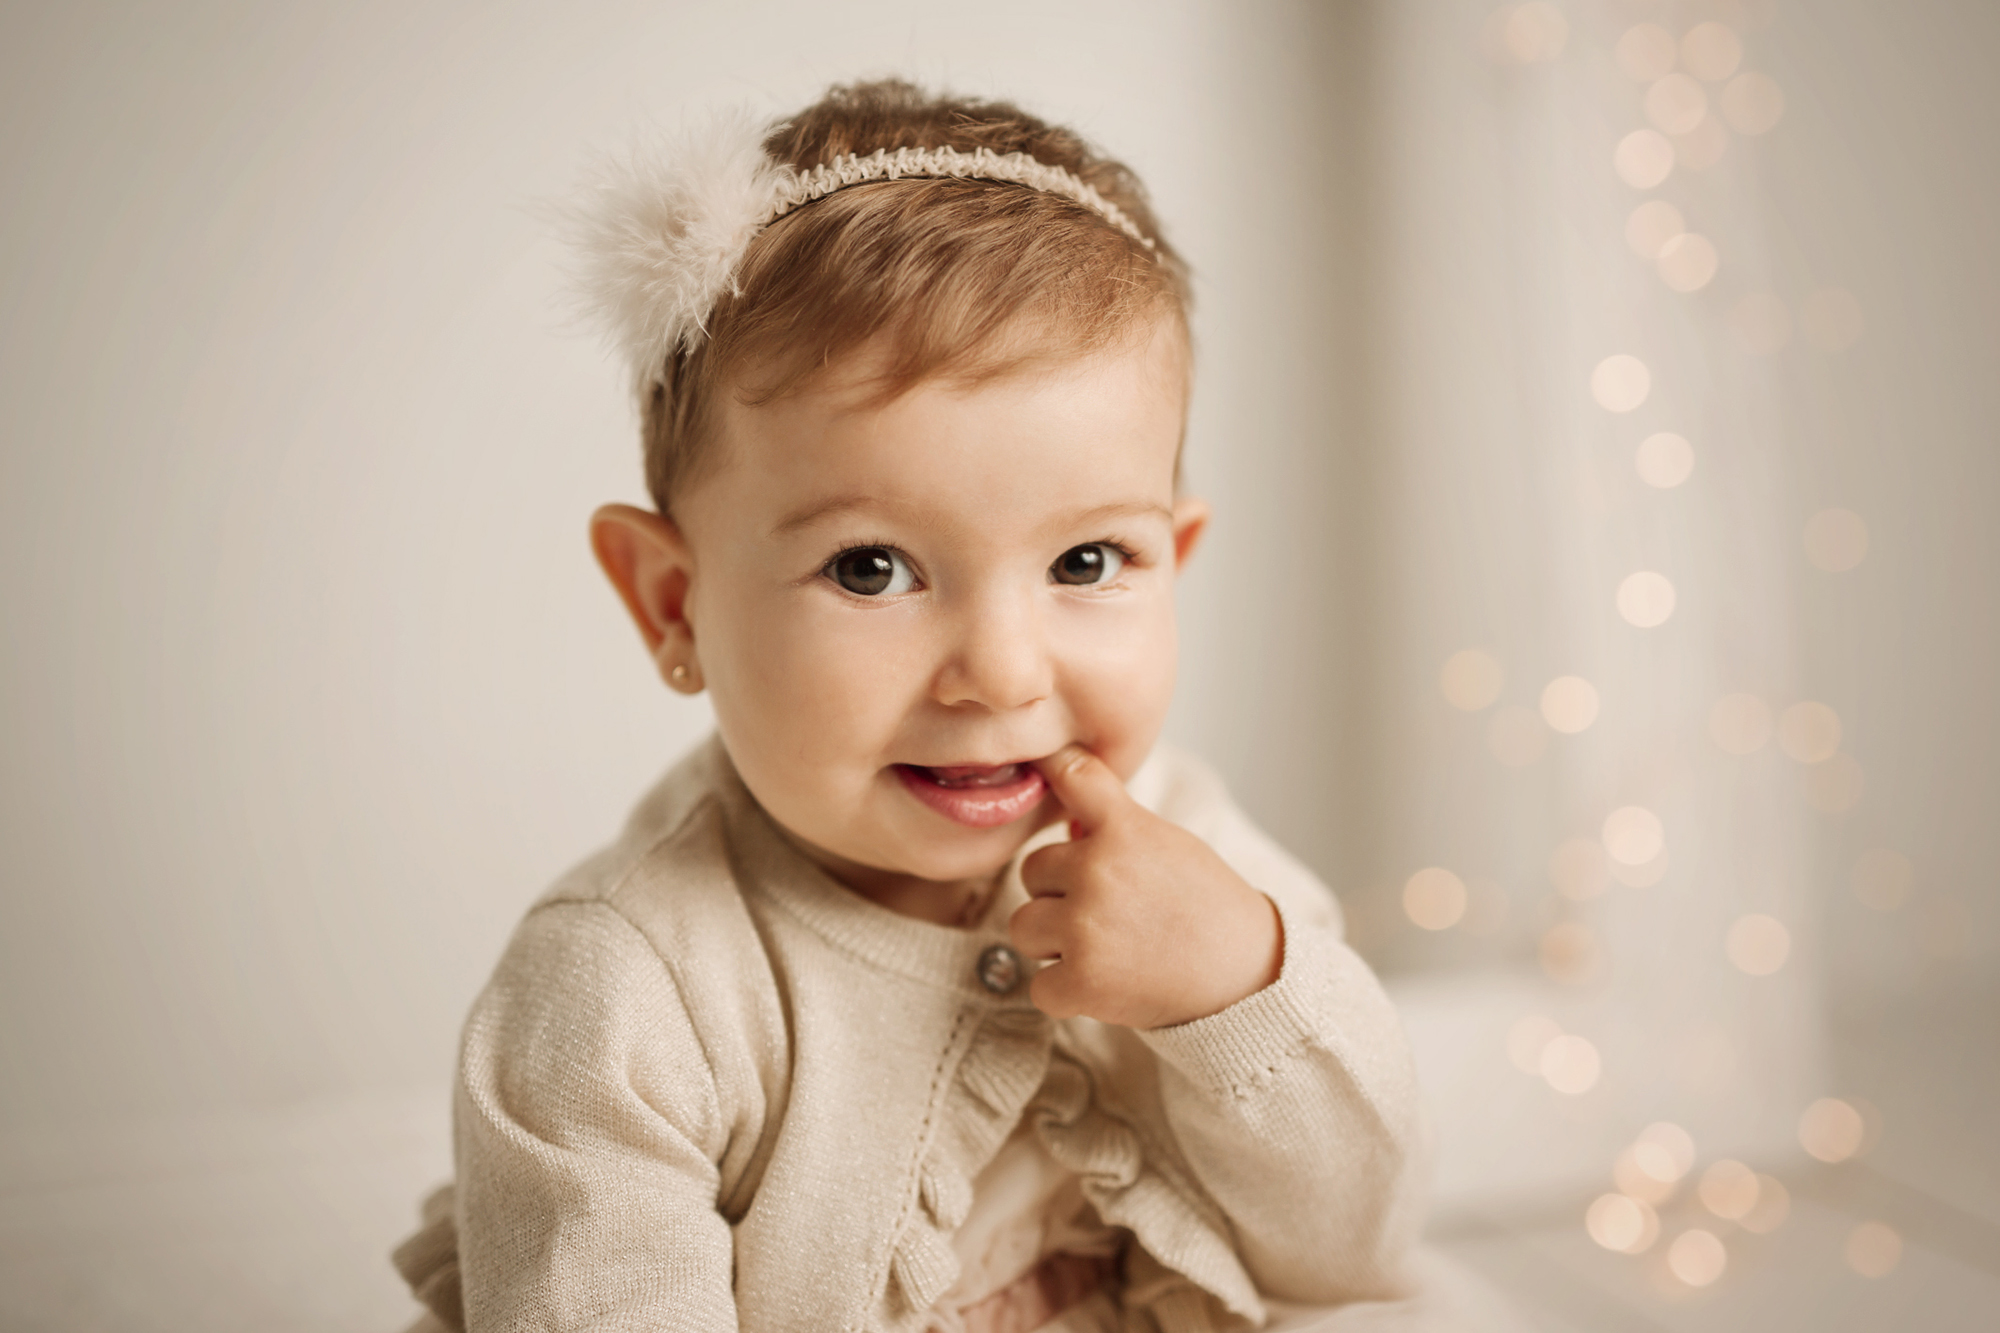 familia, fotos de familia en estudio,fotos de familia en exterior, el día de la madre, el día del padre, fotos niños, fotos niñas, fotos bebes